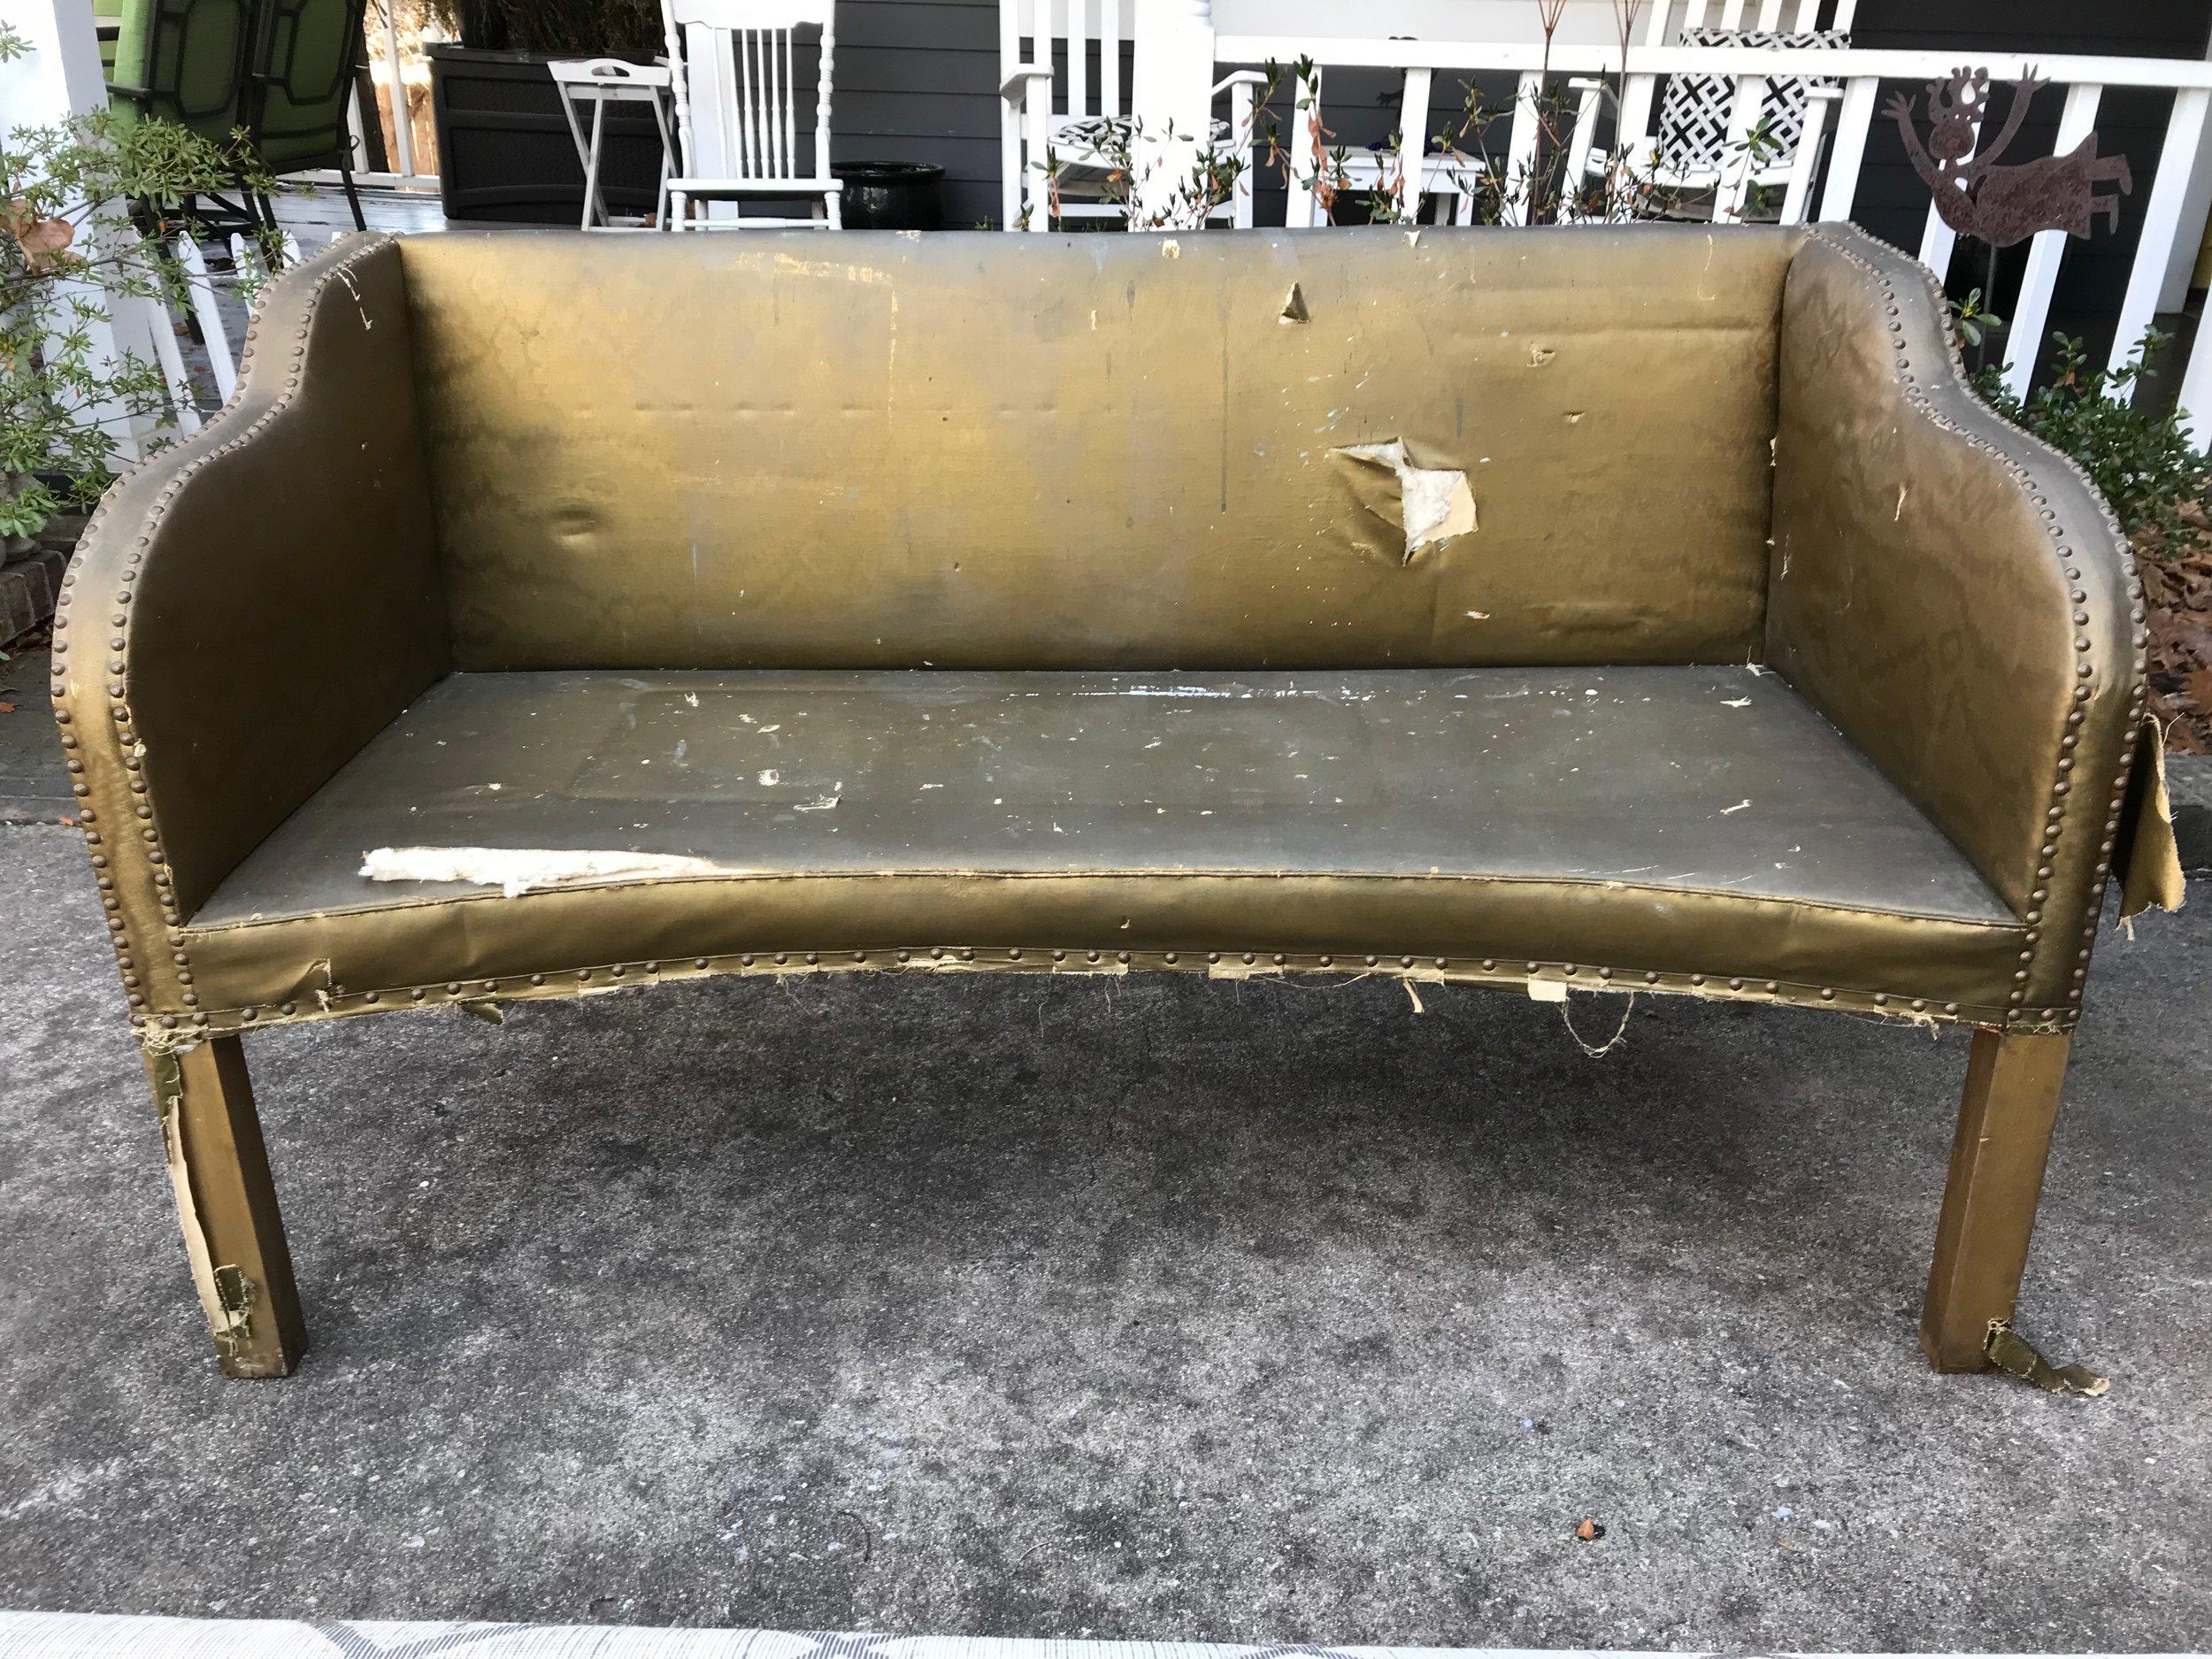 Retro Den Upholstery before.JPG